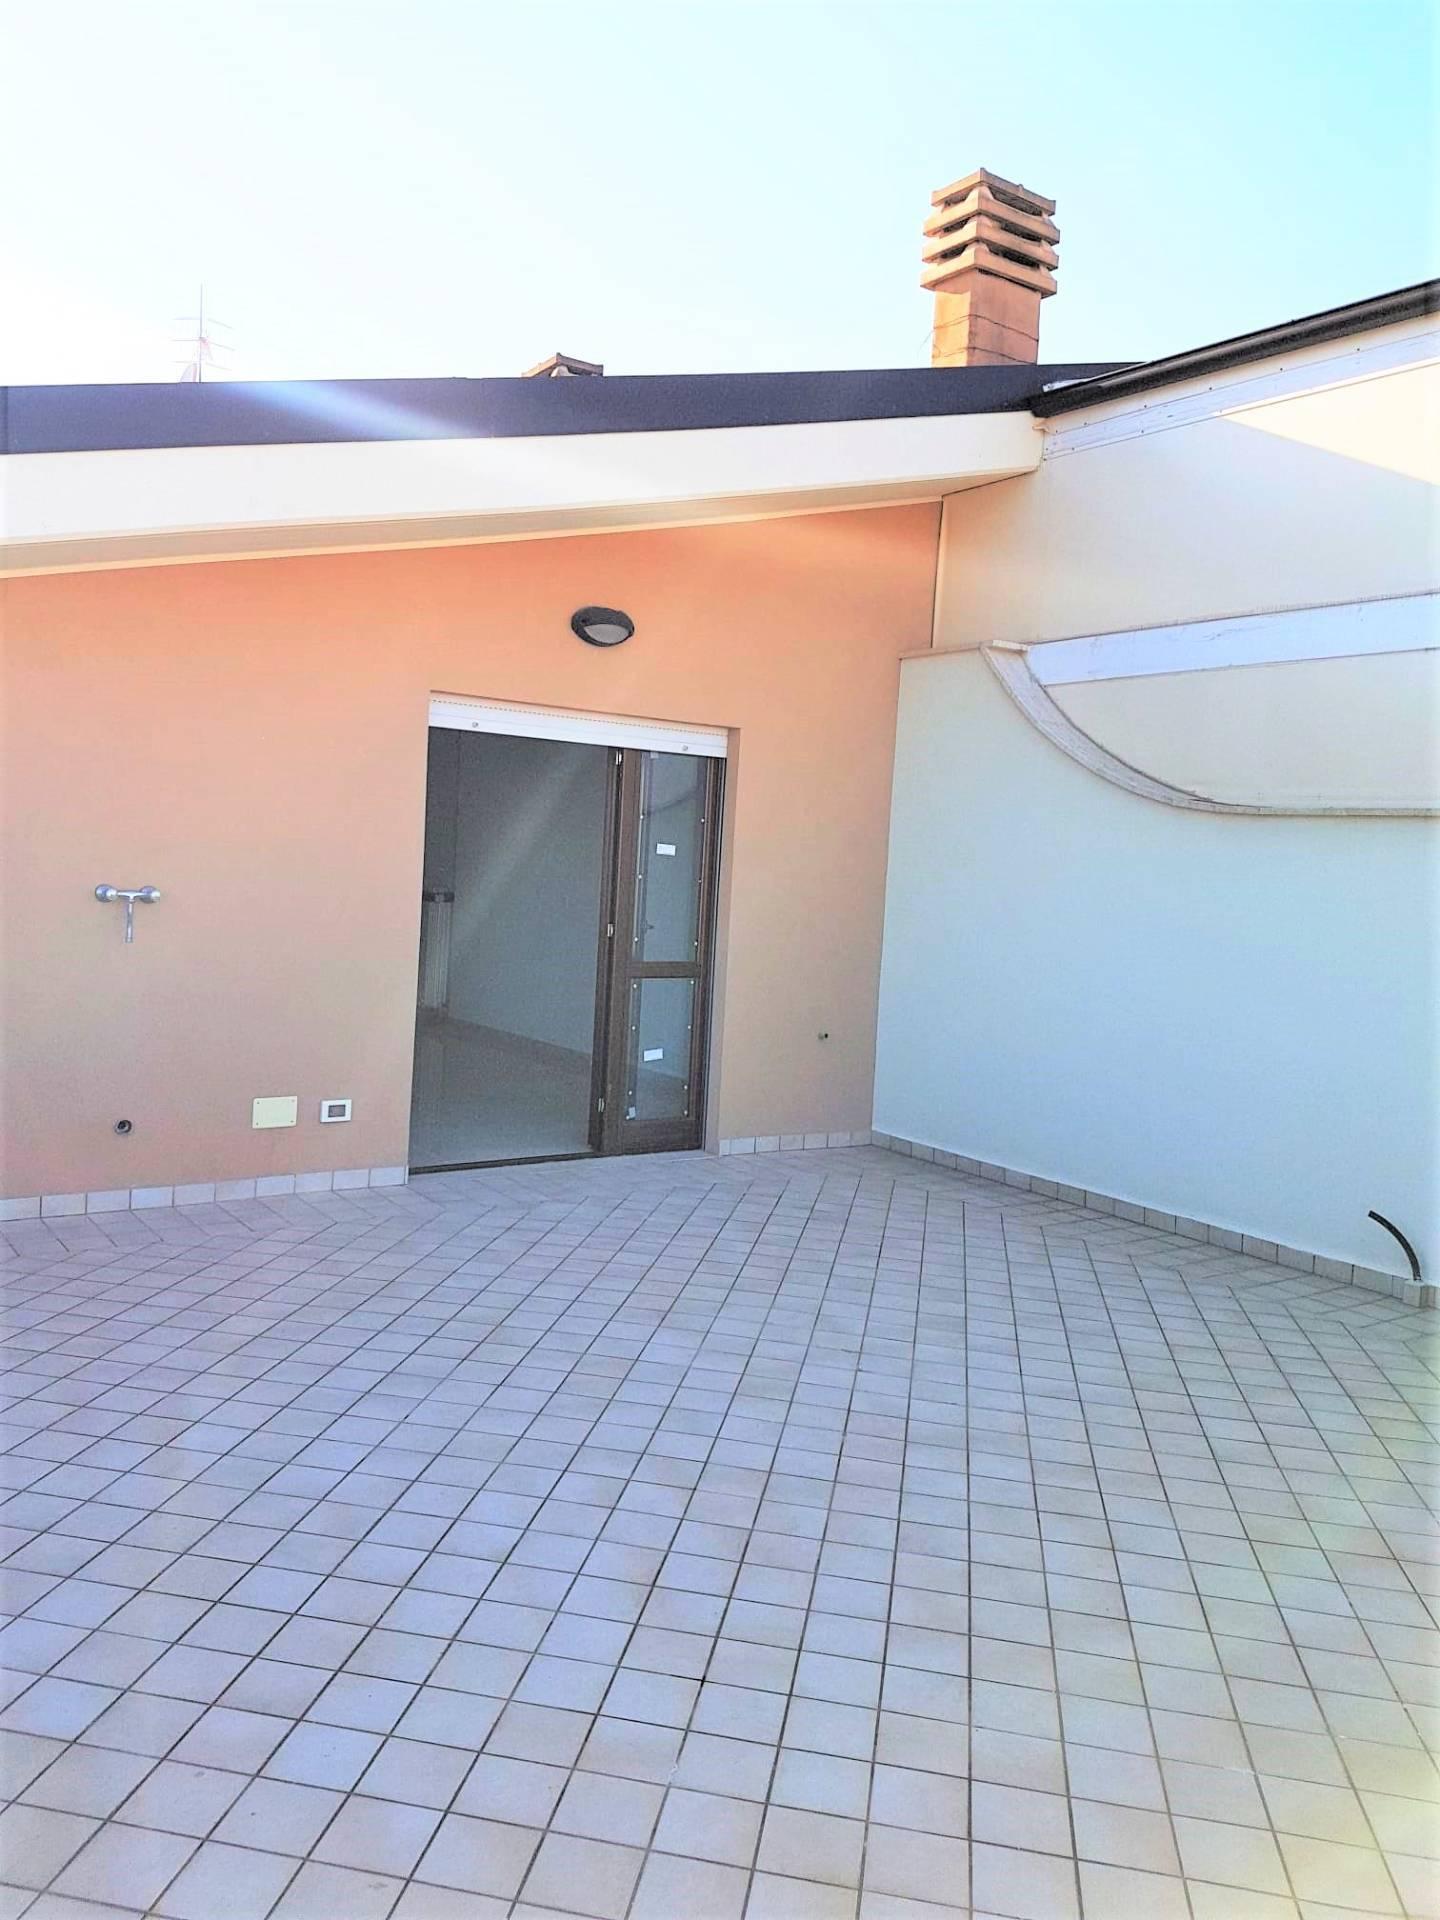 Attico / Mansarda in vendita a San Benedetto del Tronto, 3 locali, zona Località: PortodAscoli, prezzo € 160.000 | PortaleAgenzieImmobiliari.it